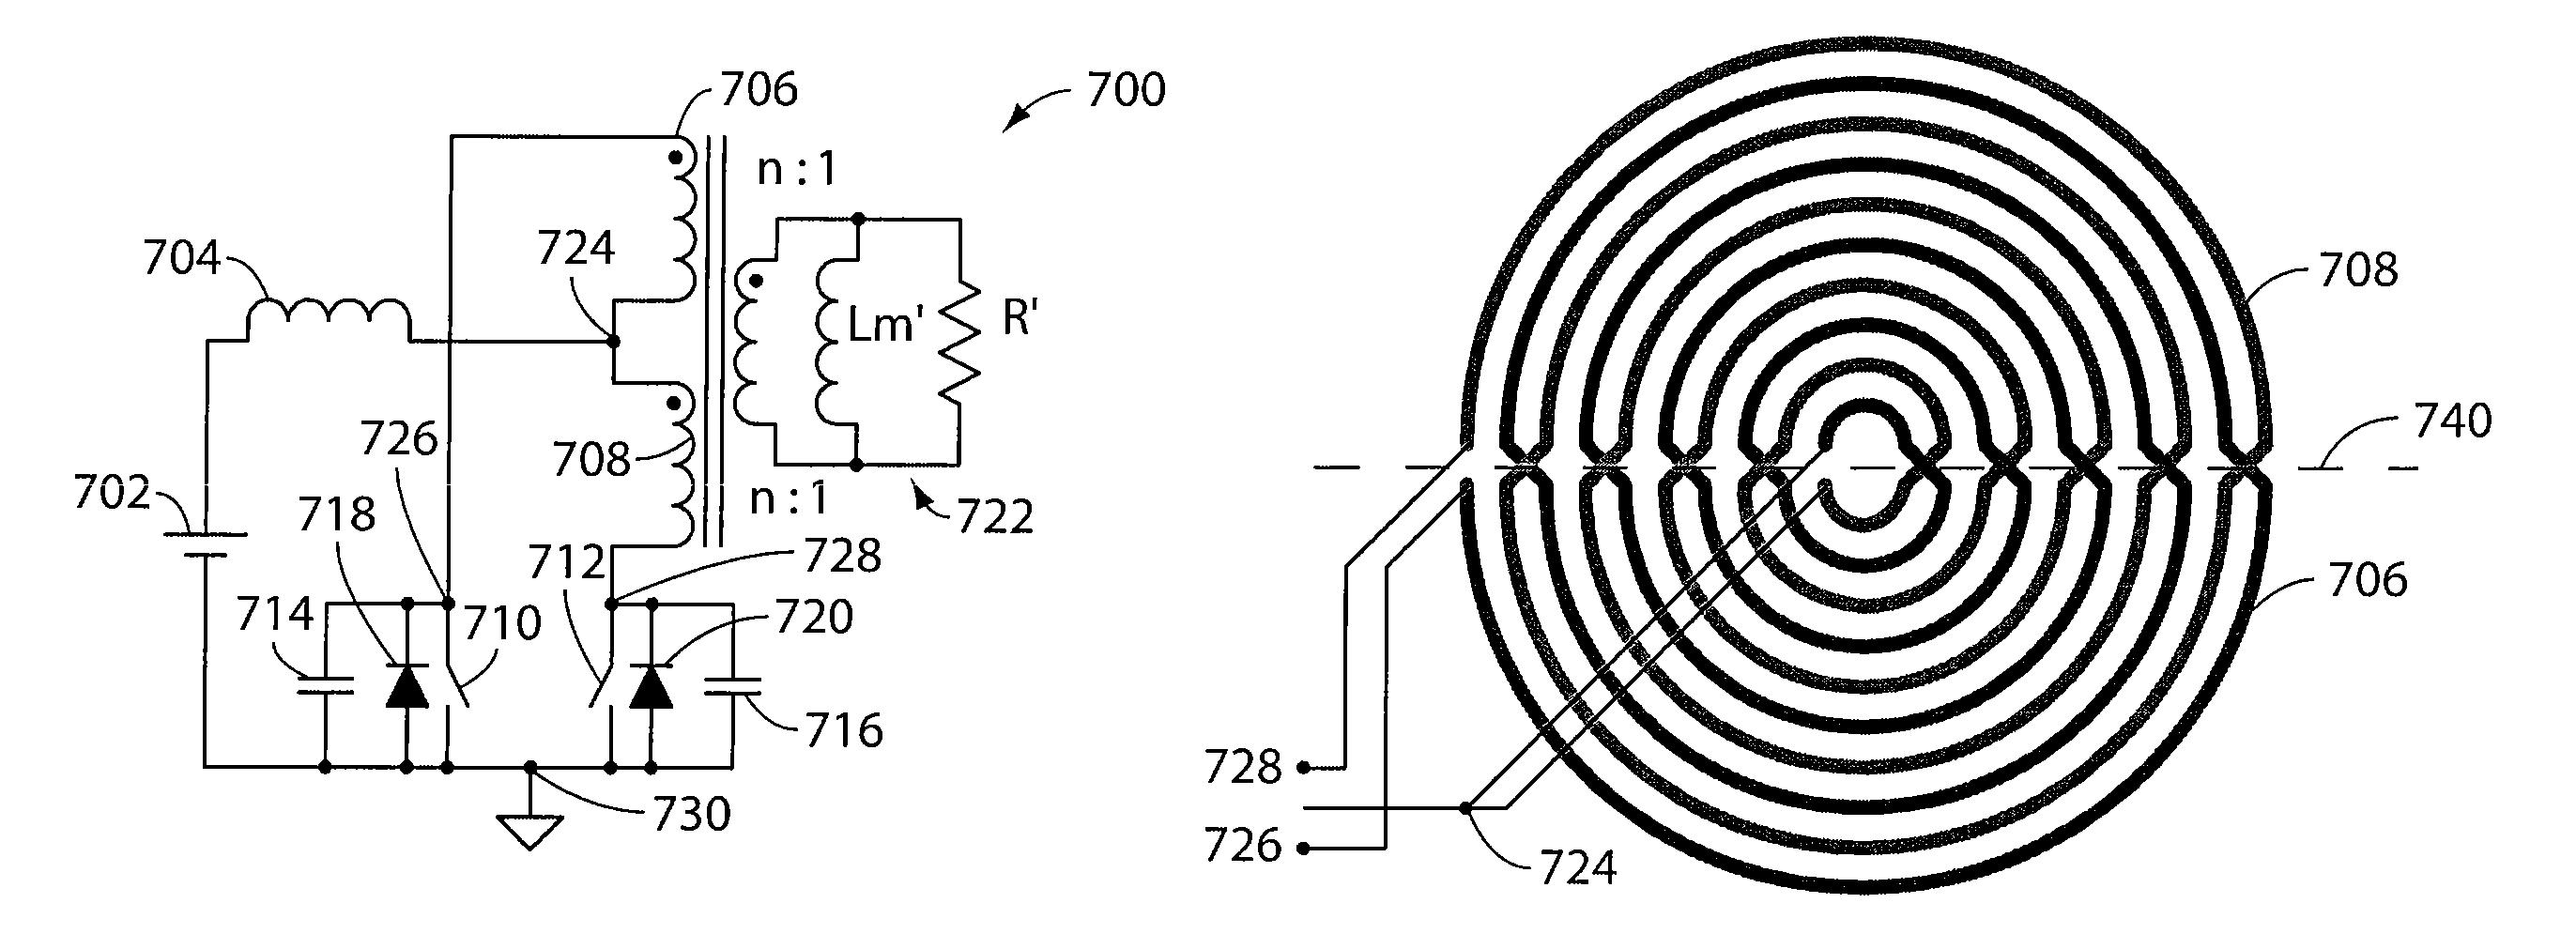 patent us7459659